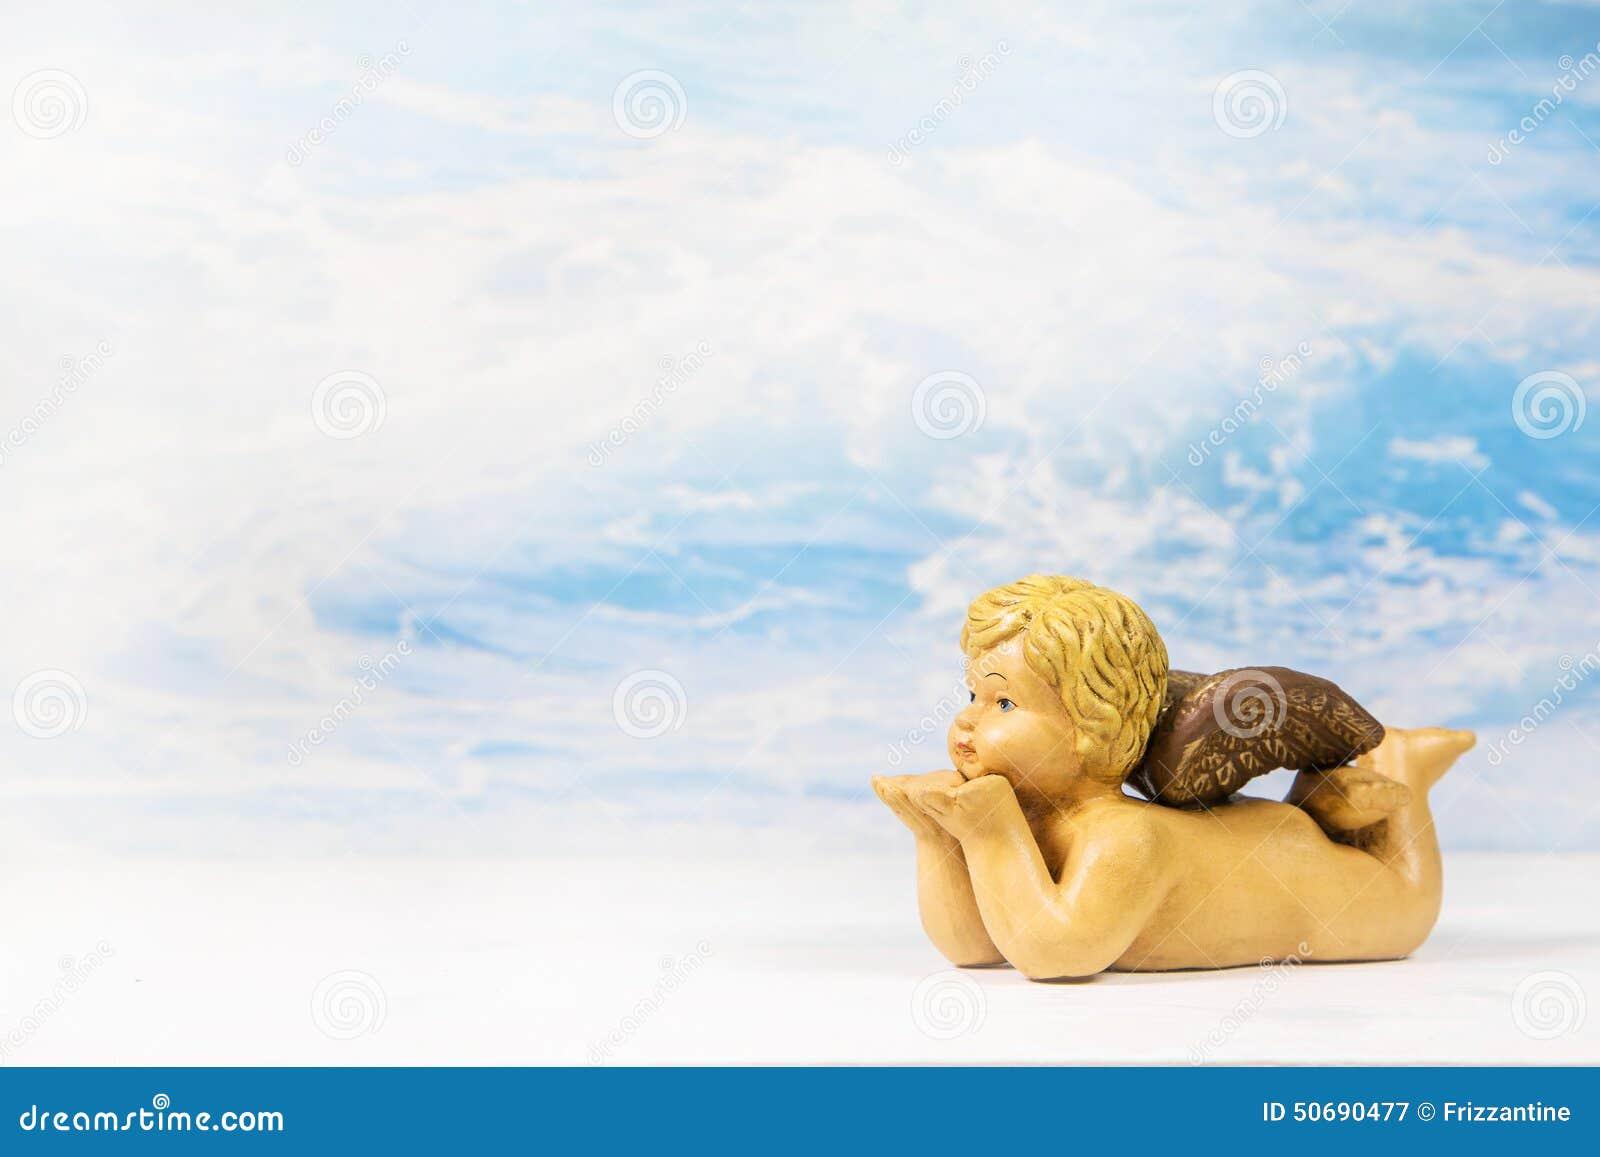 Download 在天堂背景的吹的天使形象 库存图片. 图片 包括有 分娩, 吊唁, 问候, 野蛮时代, 运气, 看板卡, 信念 - 50690477